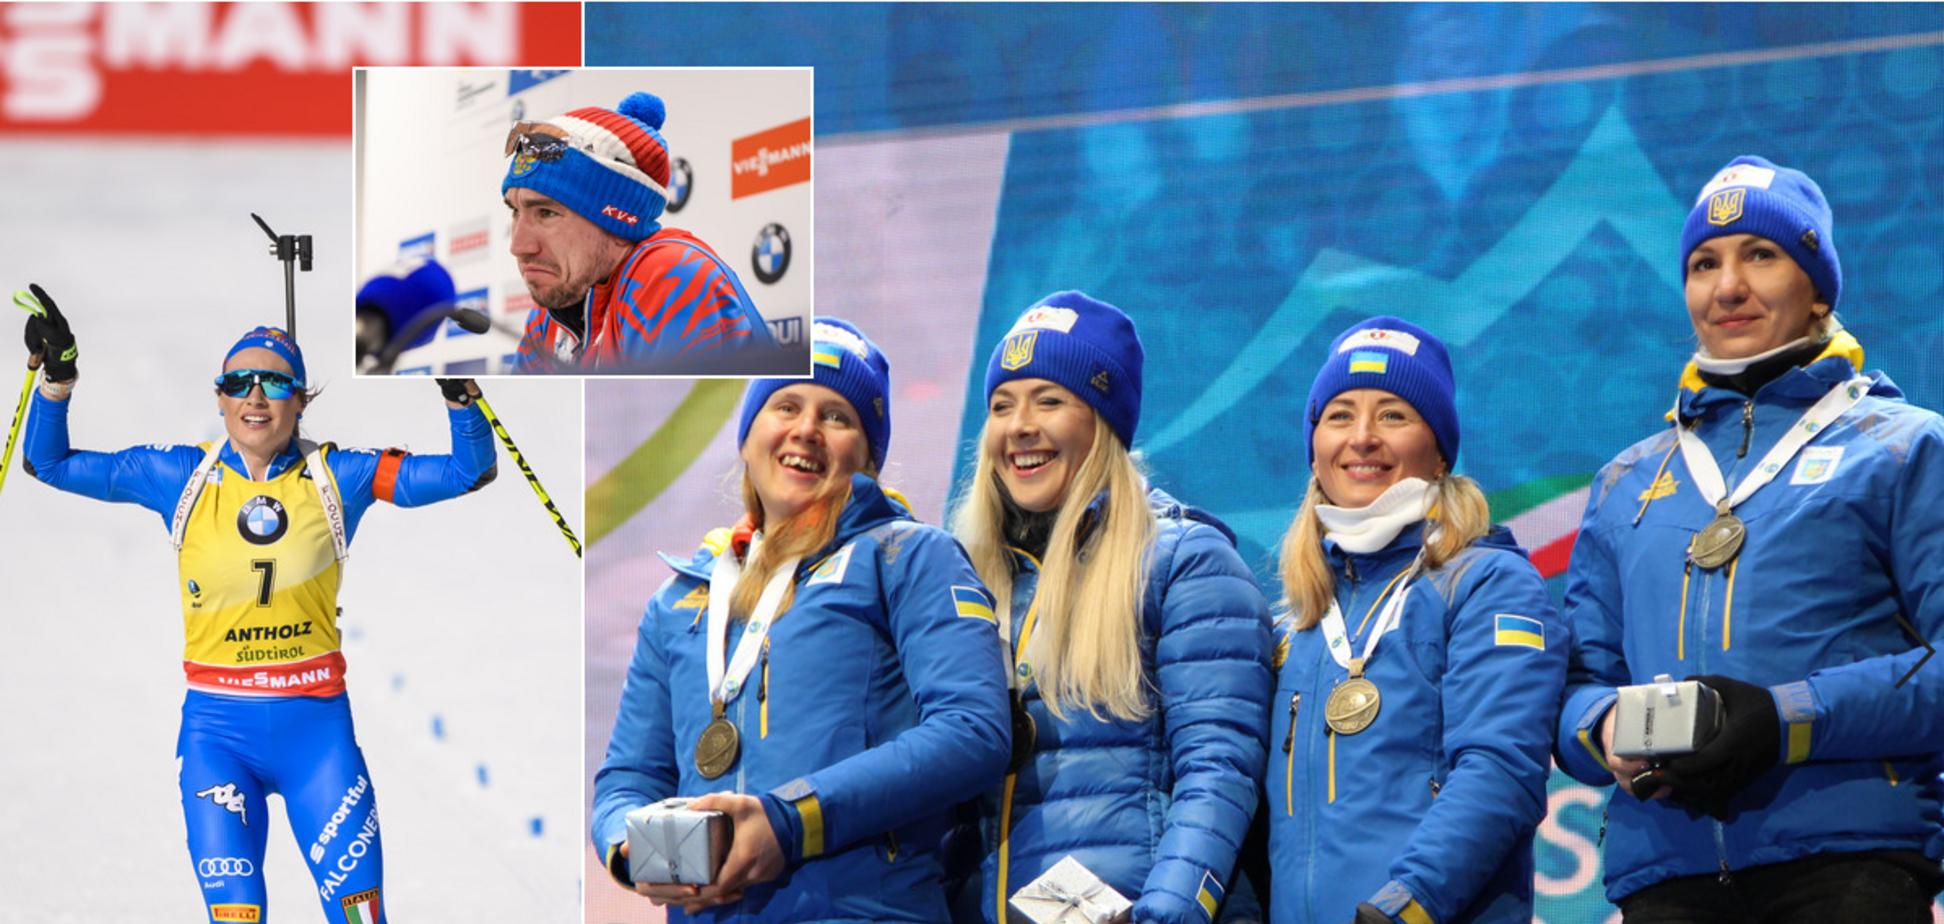 СуперВірер, слід України та цькування Логінова: хіт-парад чемпіонату світу з біатлону